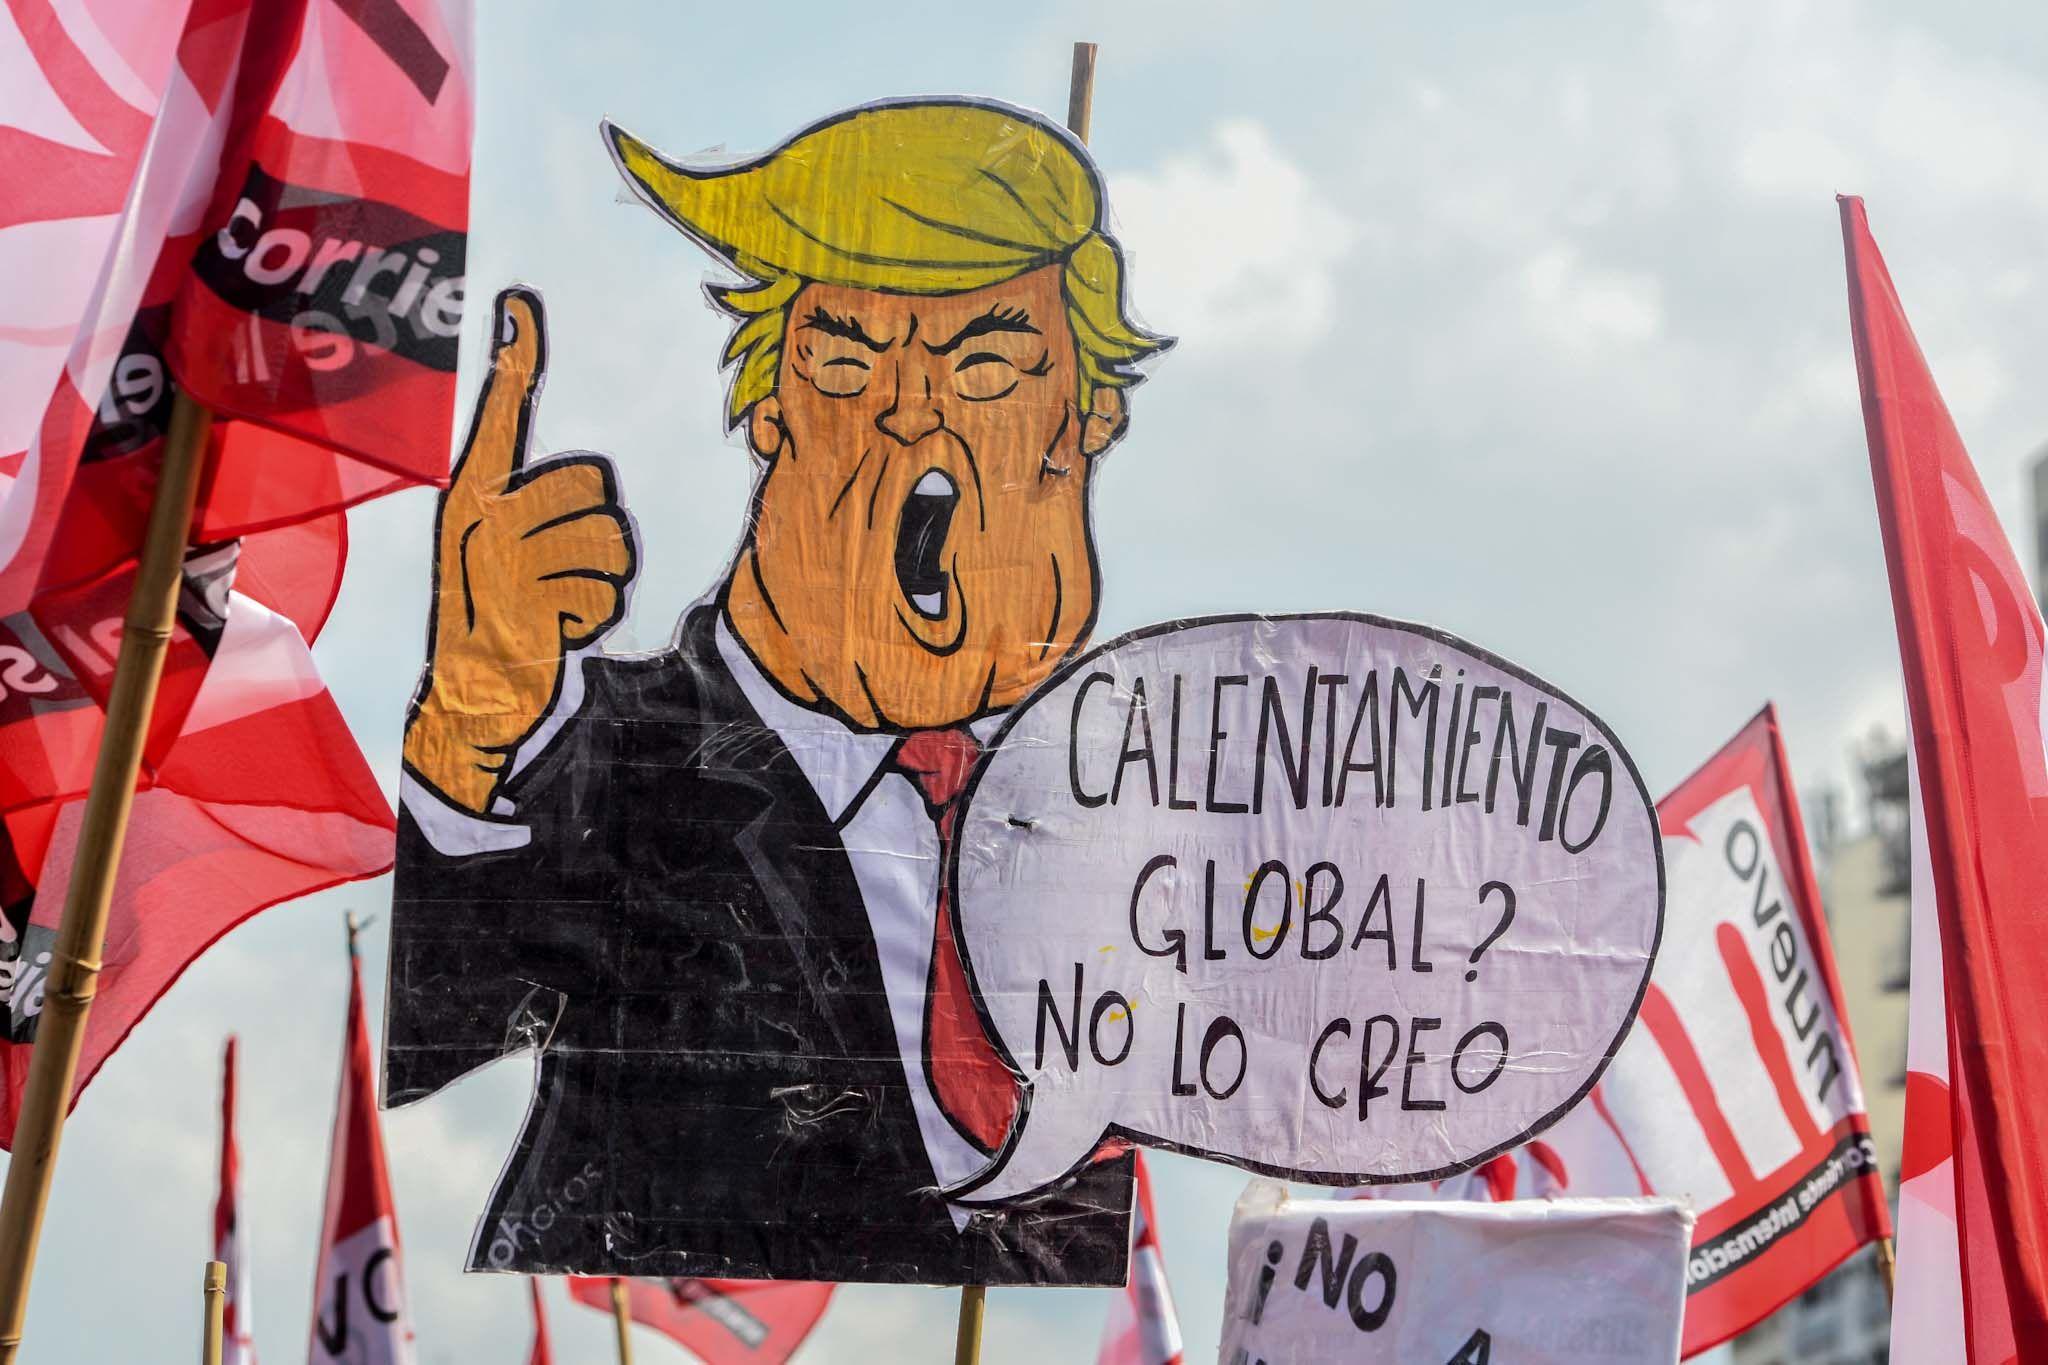 Una gigantografía de Donald Trump recorrió la zona